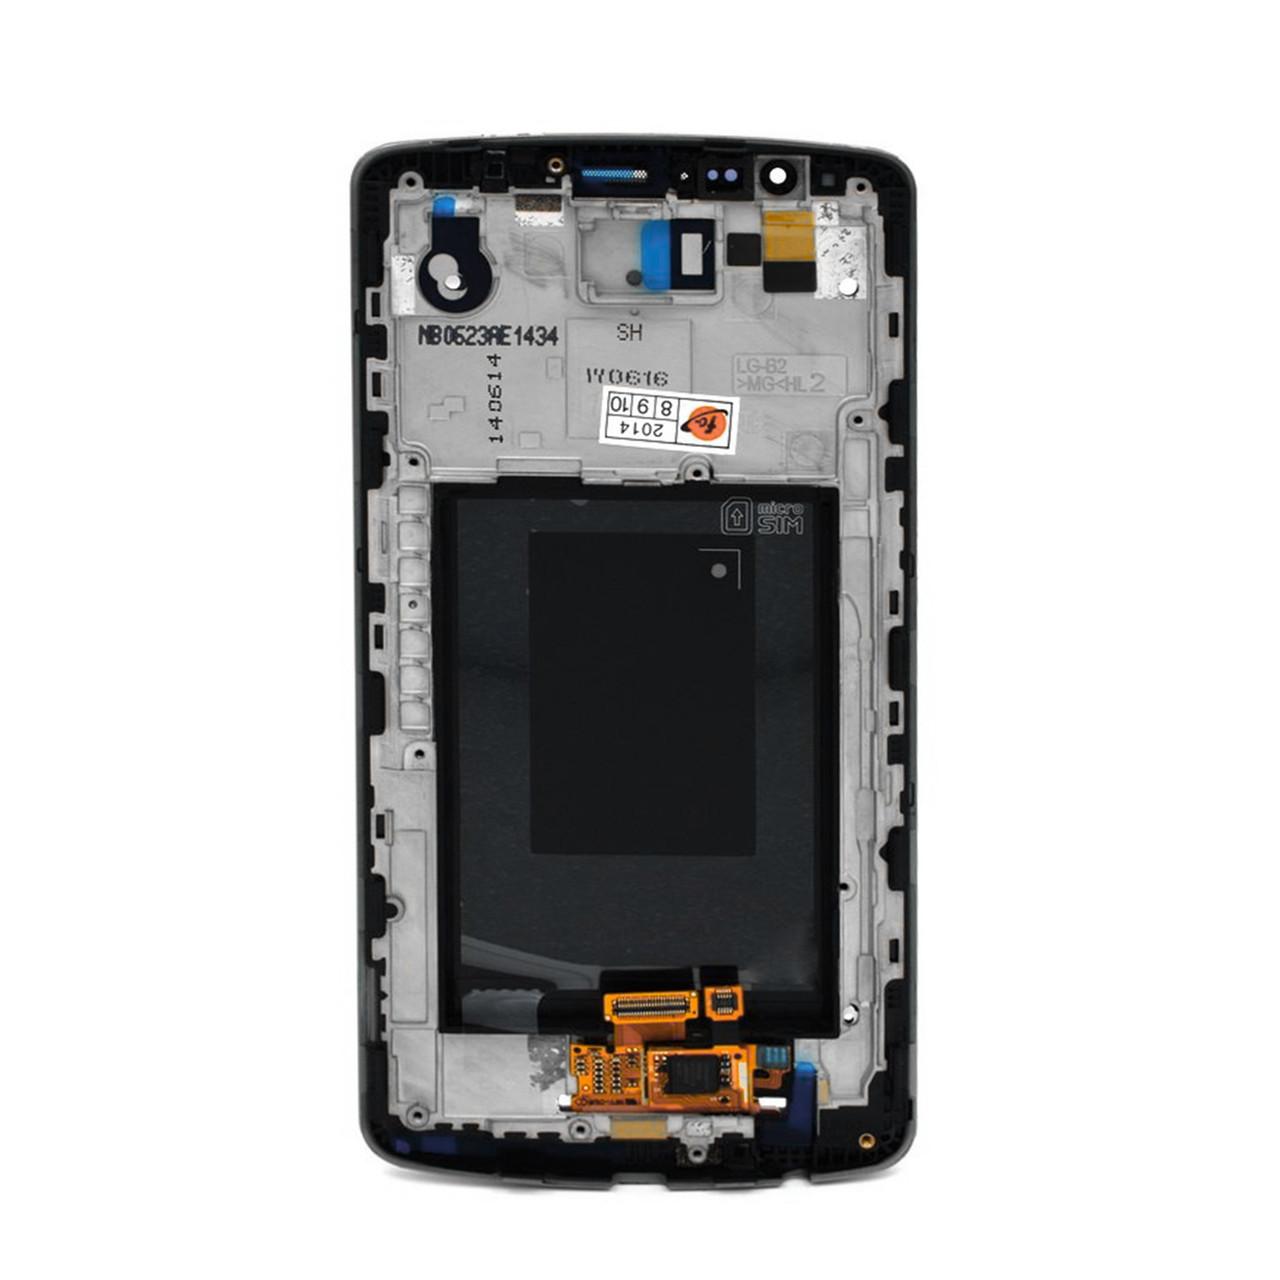 Дисплей LG G3 D855 в сборе с рамкой Black (32)